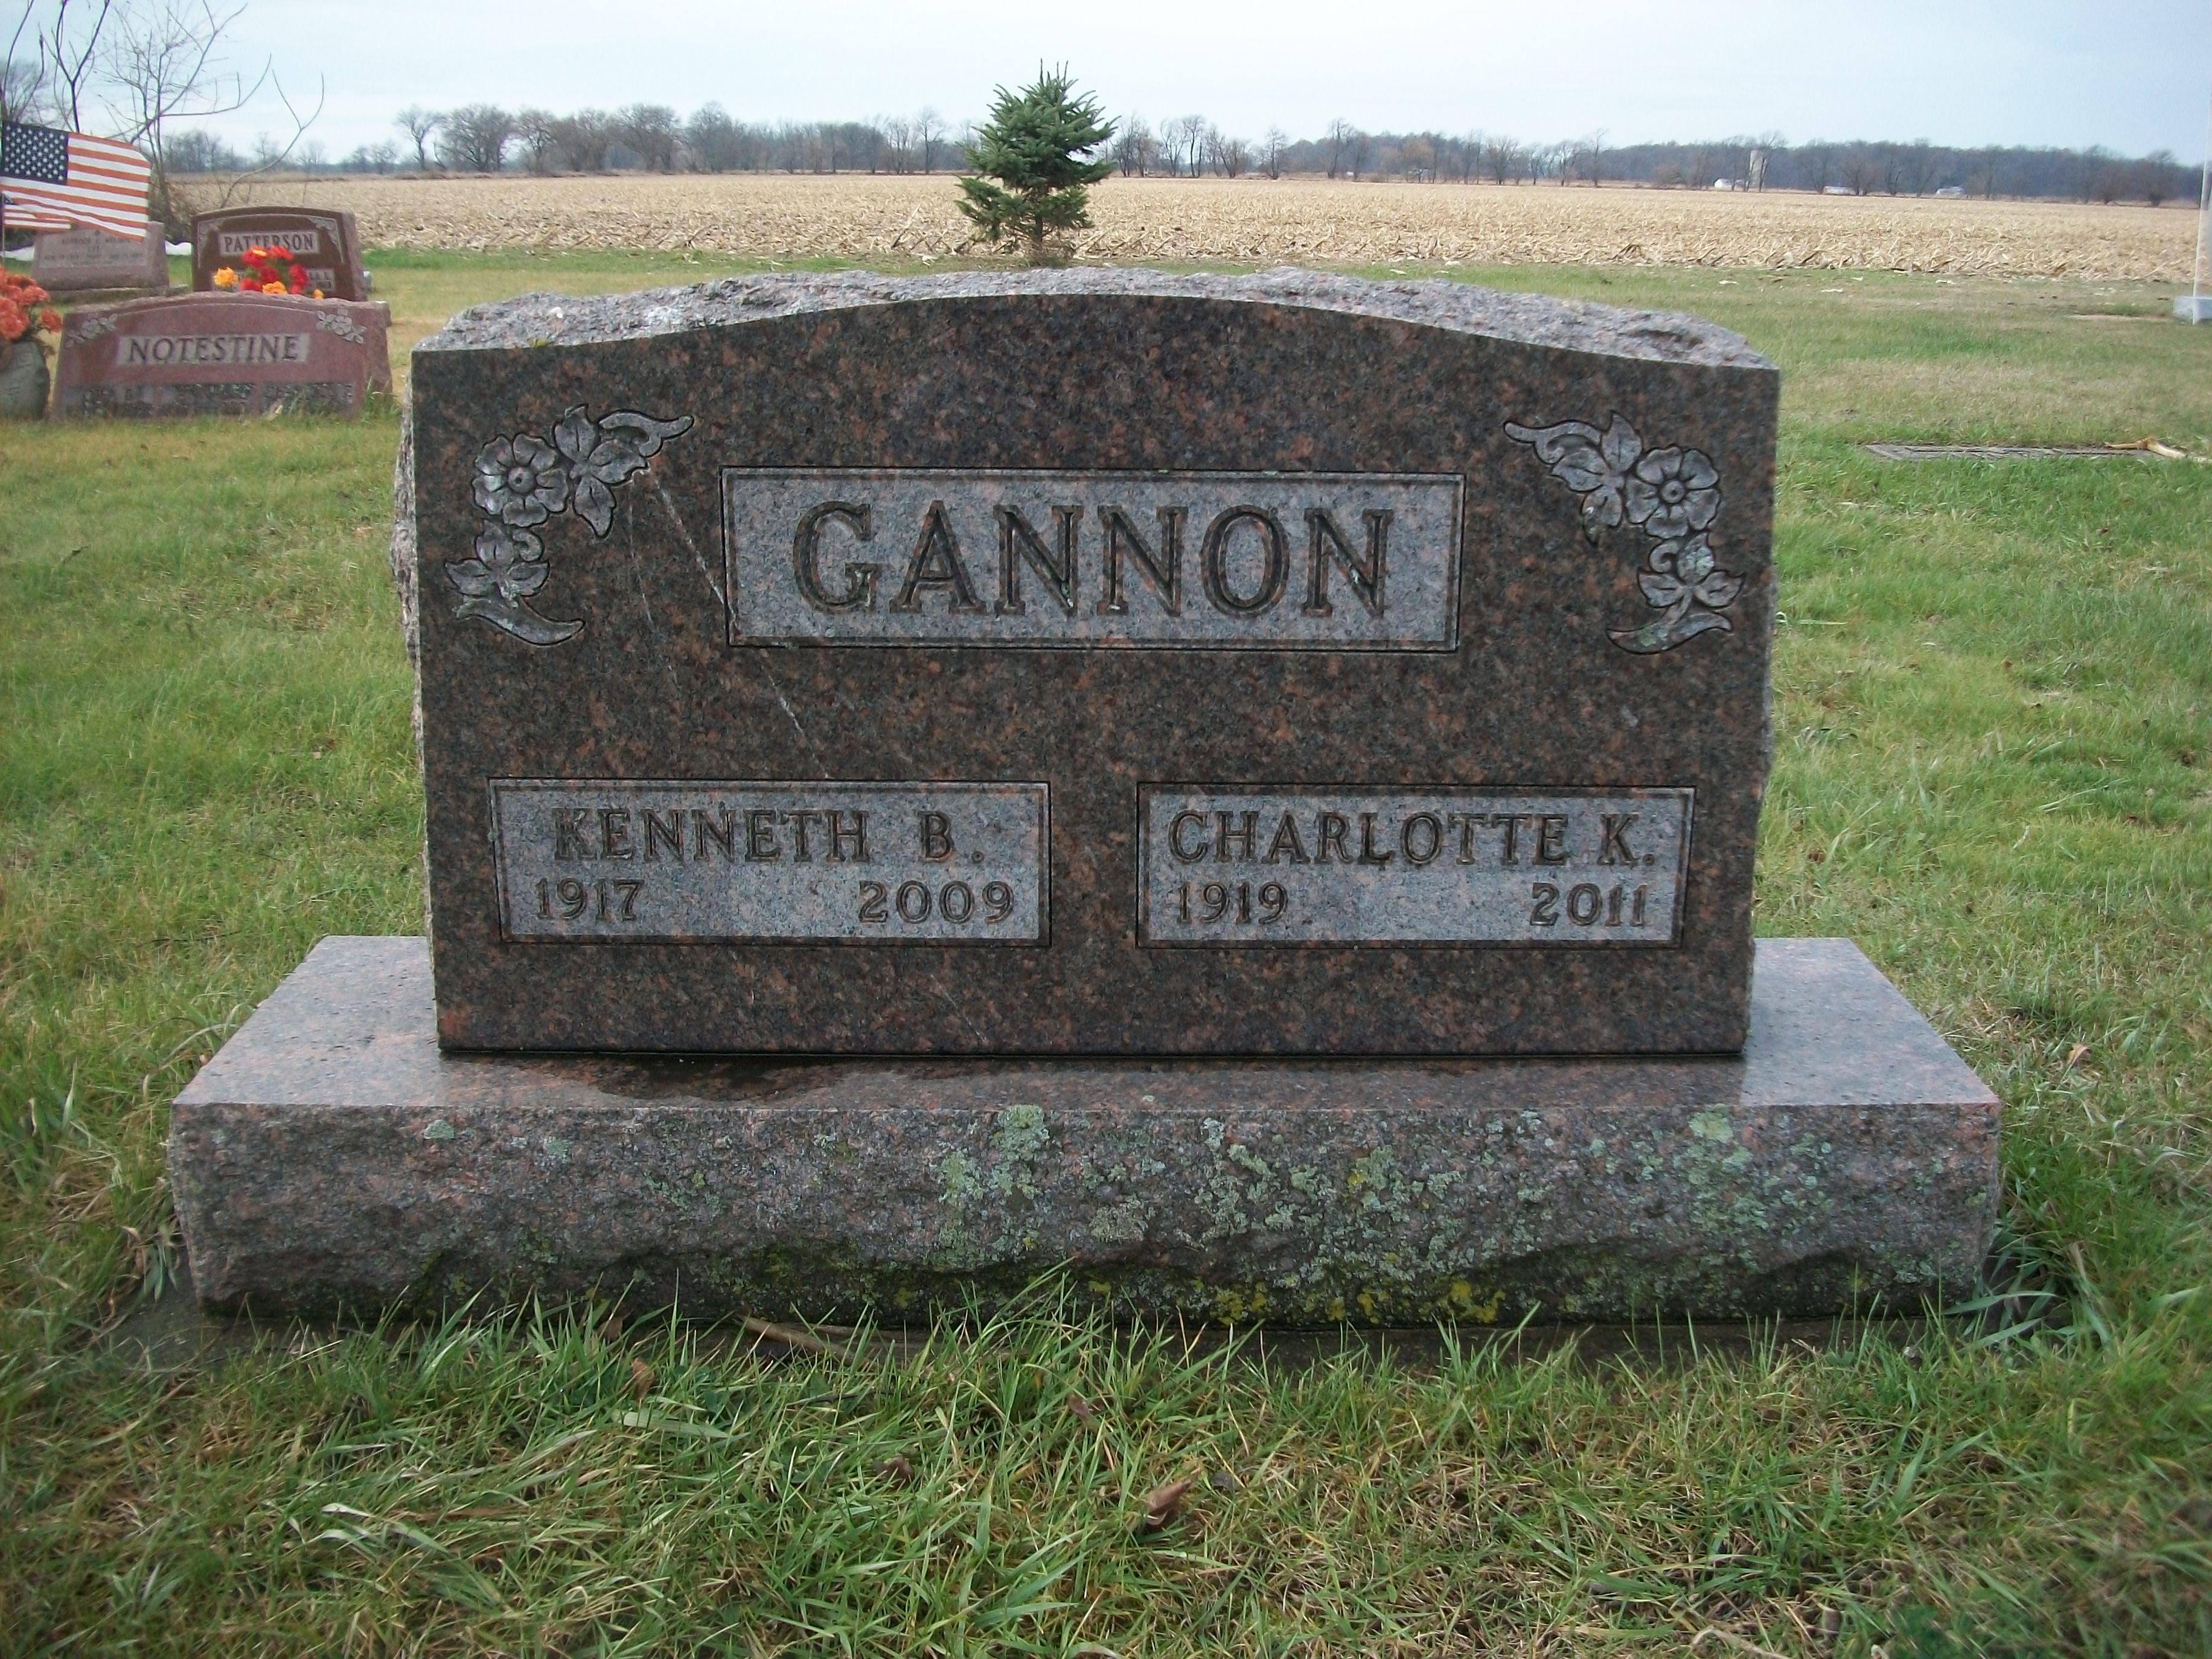 Kenneth B. Gannon